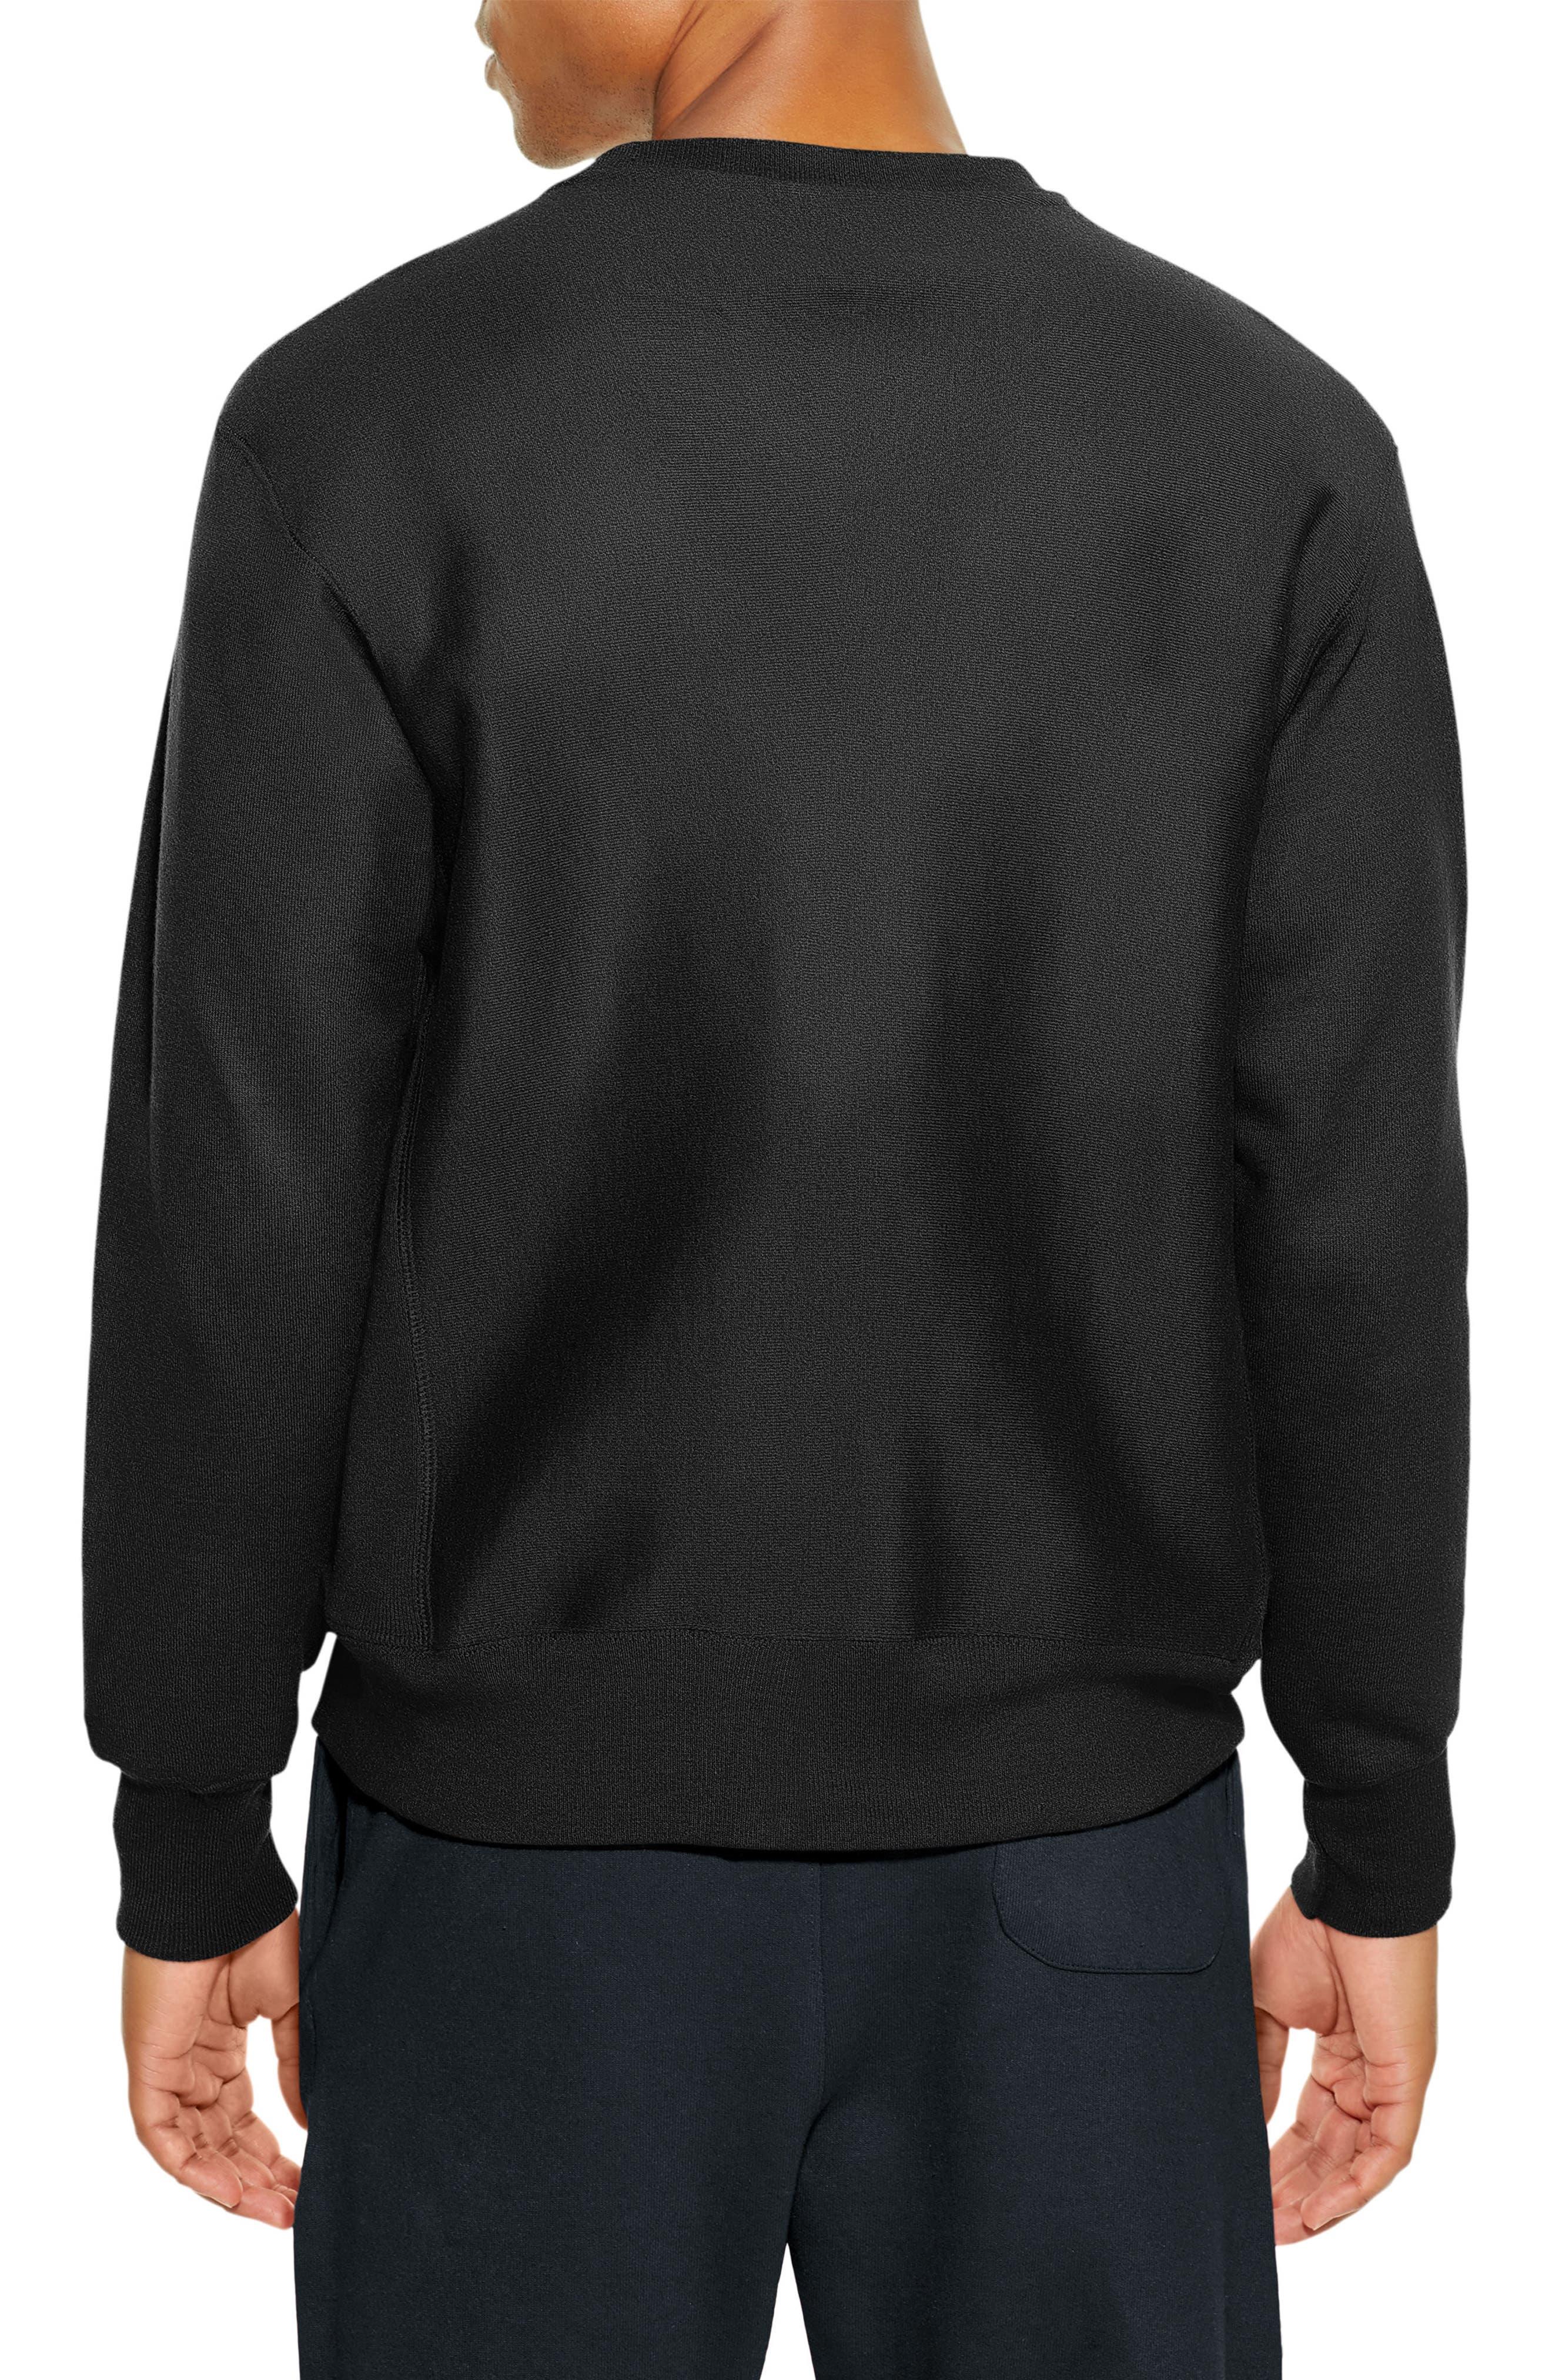 Reverse Weave Crewneck Cotton Blend Sweatshirt,                             Alternate thumbnail 2, color,                             001